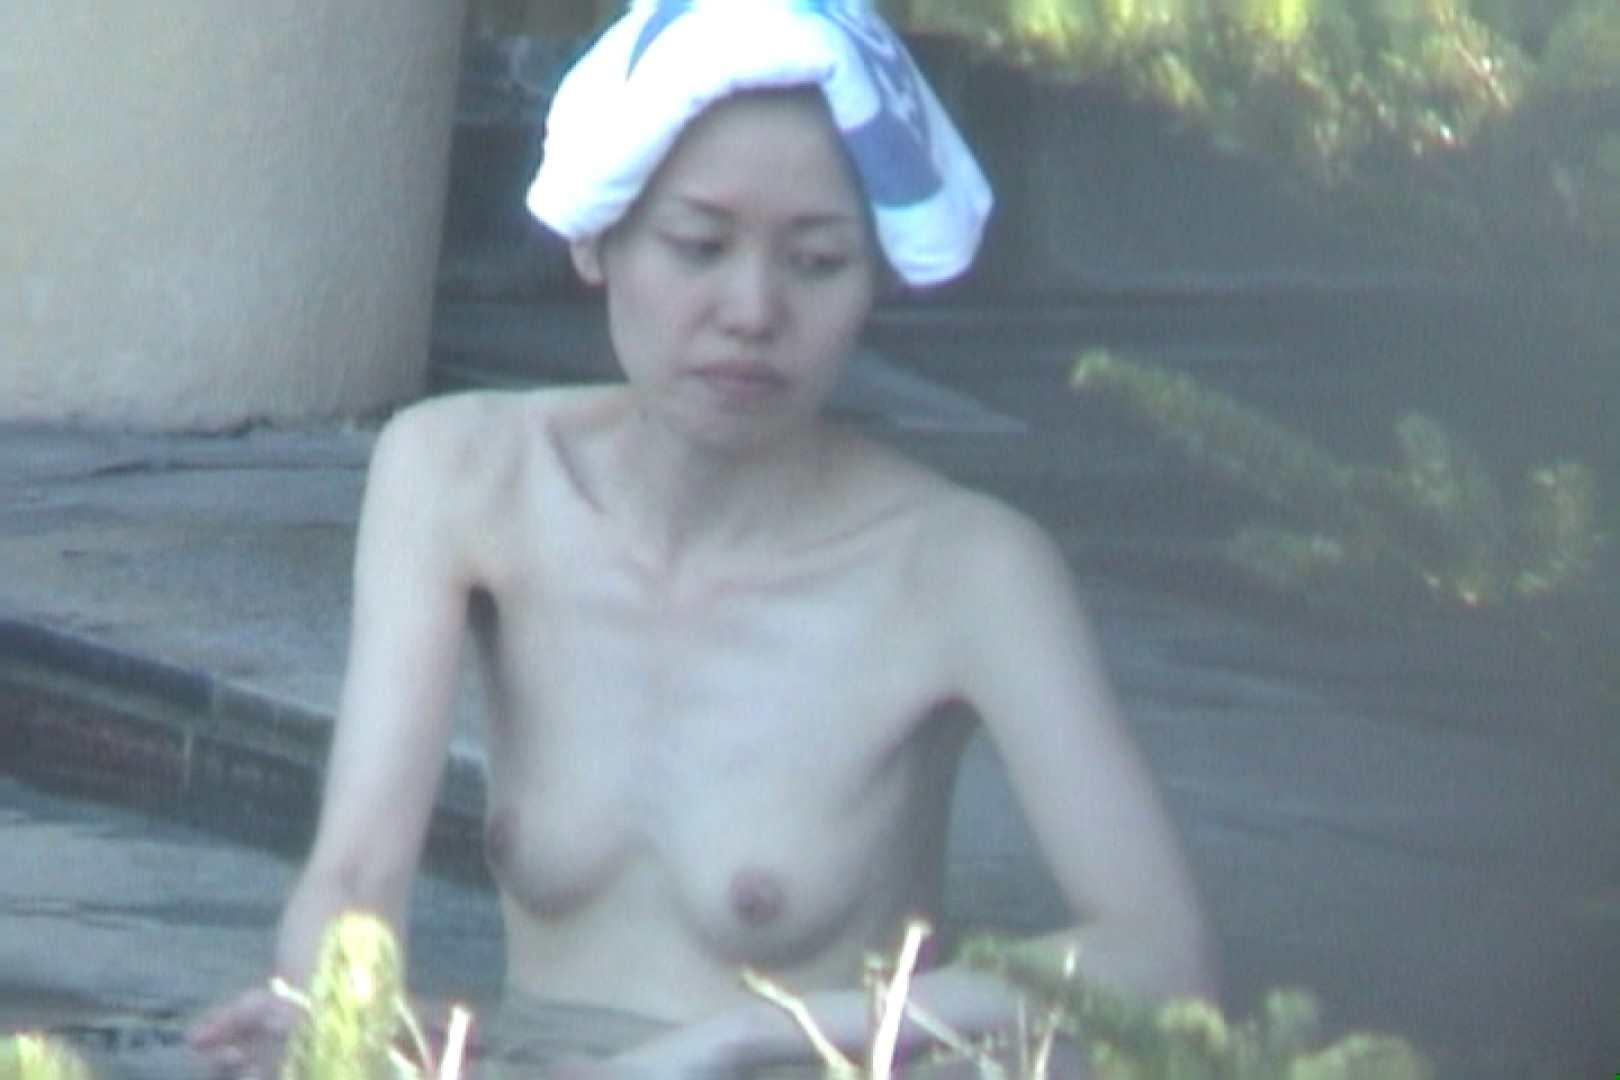 Aquaな露天風呂Vol.576 OLのエロ生活 | 盗撮  113連発 106